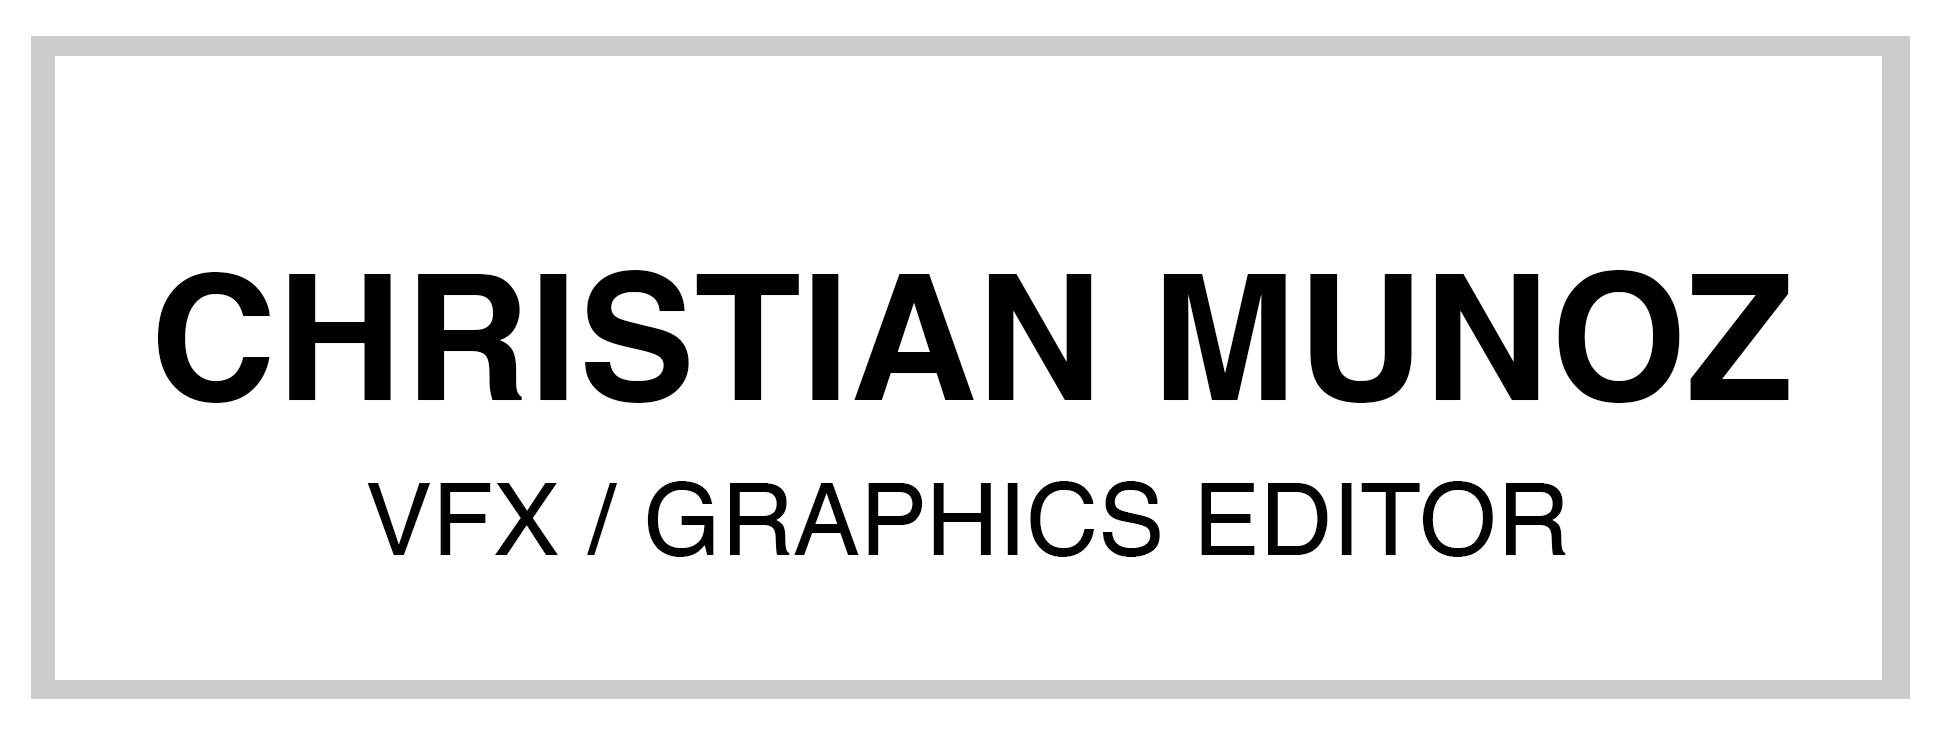 Christian_Munoz_Merged.png